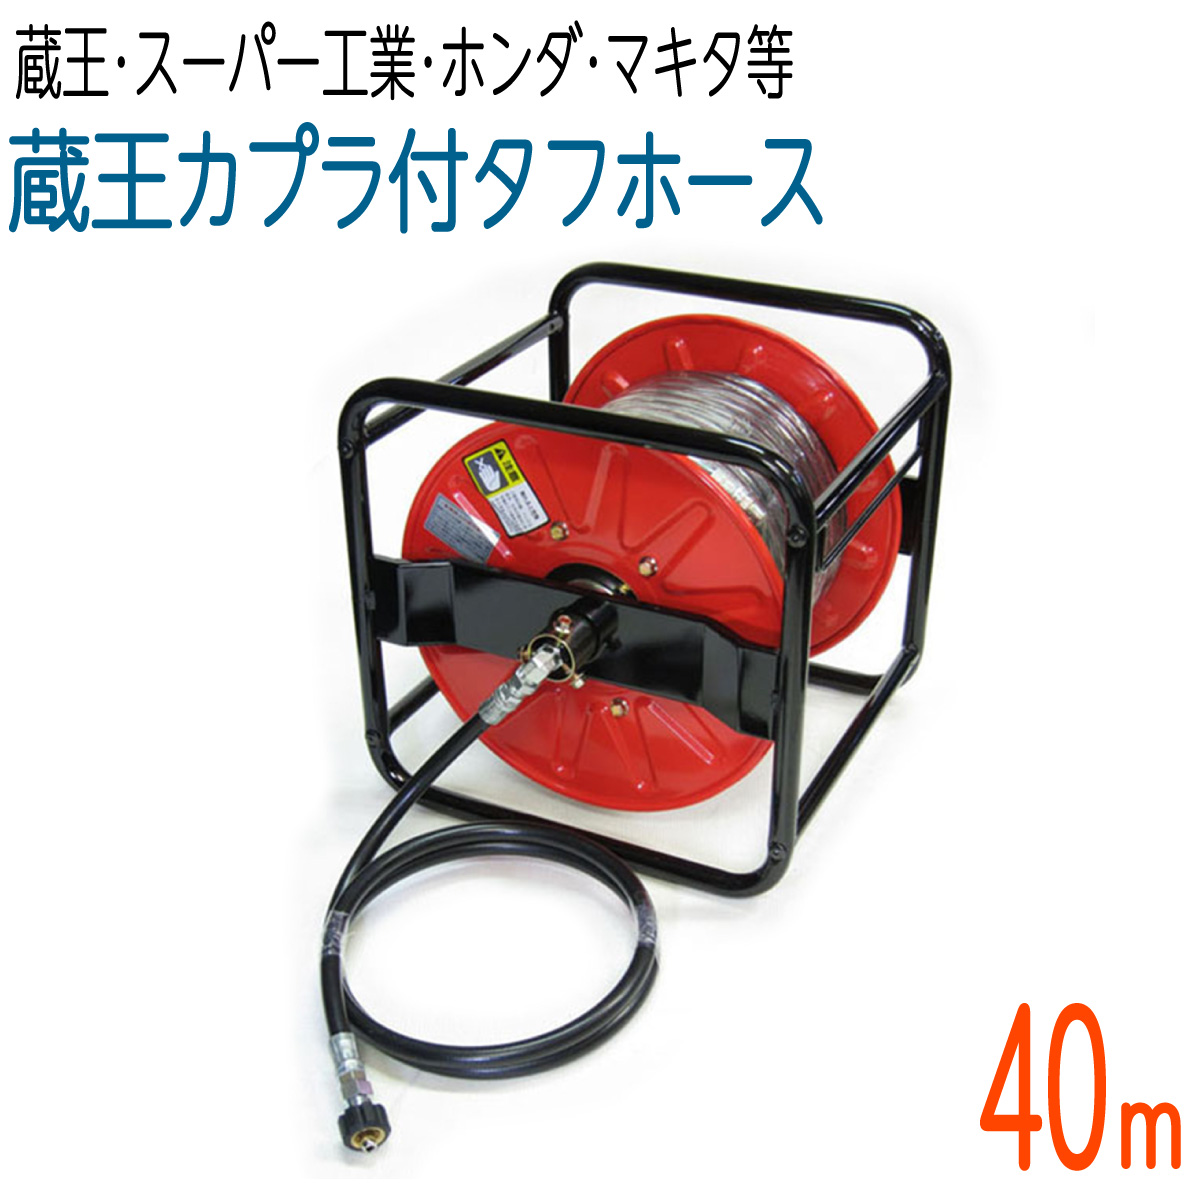 【40Mリール巻き】 蔵王産業・スーパー工業・ホンダ・マキタ 対応 3/8(3分) 高圧洗浄 タフホース